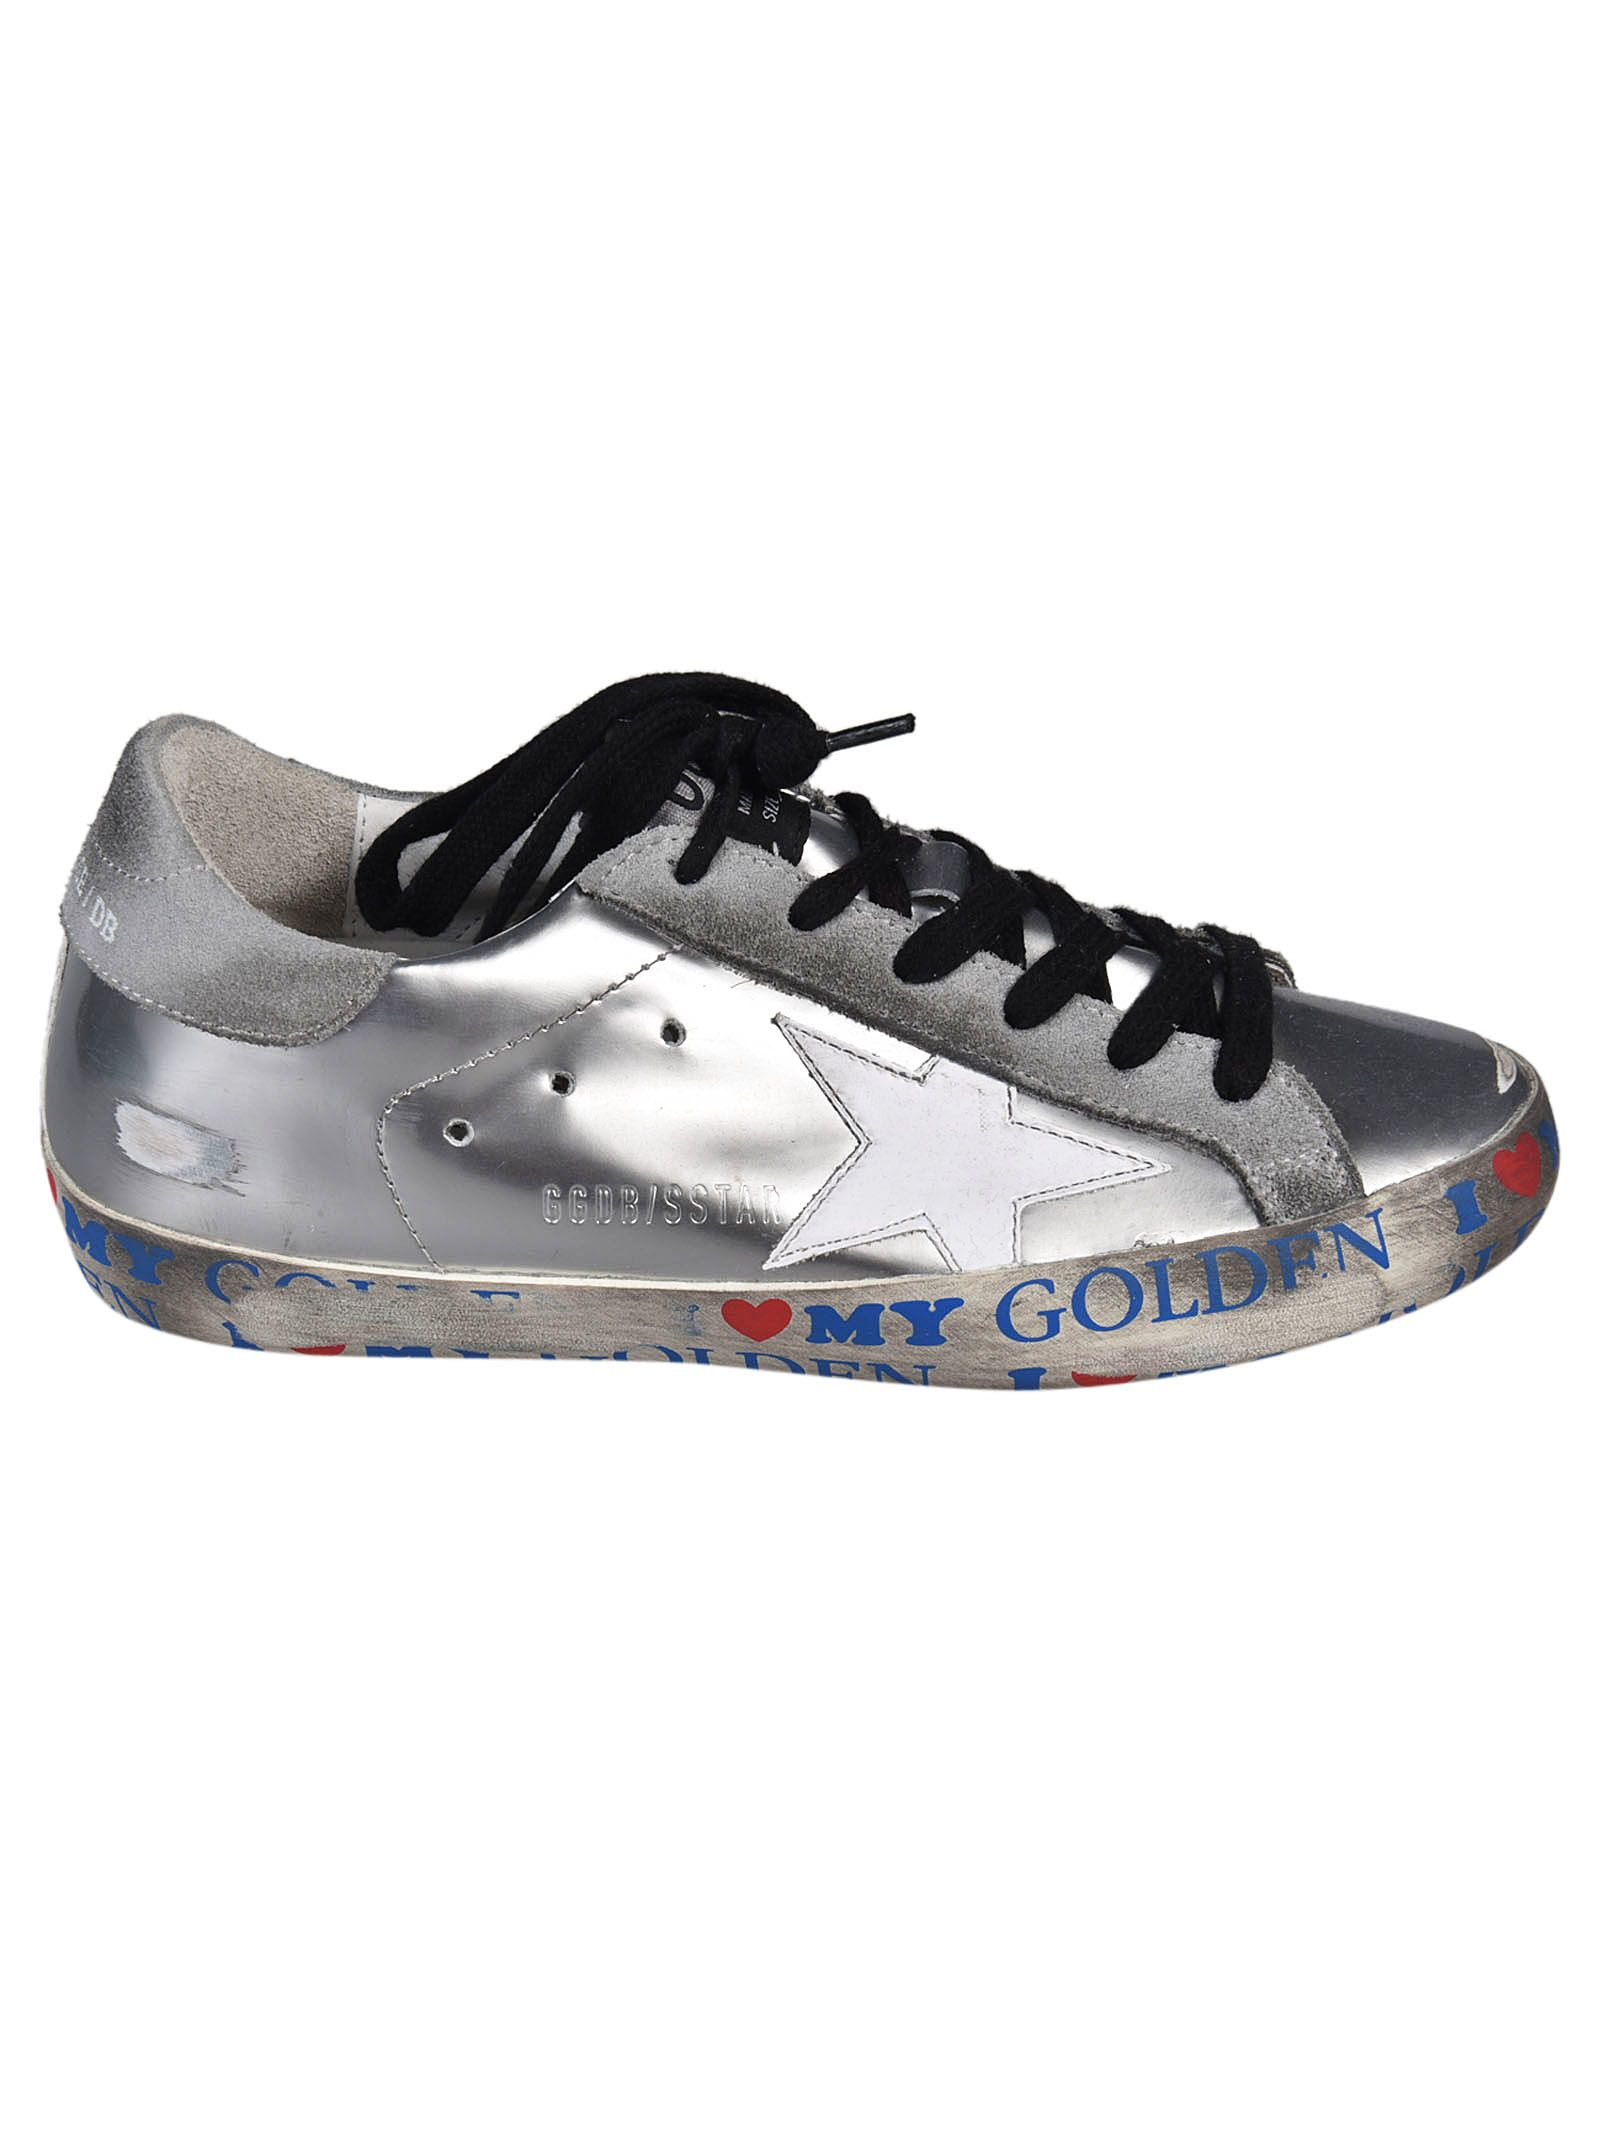 Golden Goose - Golden Goose Deluxe Brand Superstar Sneakers - Silver, Women's Sneakers | Italist